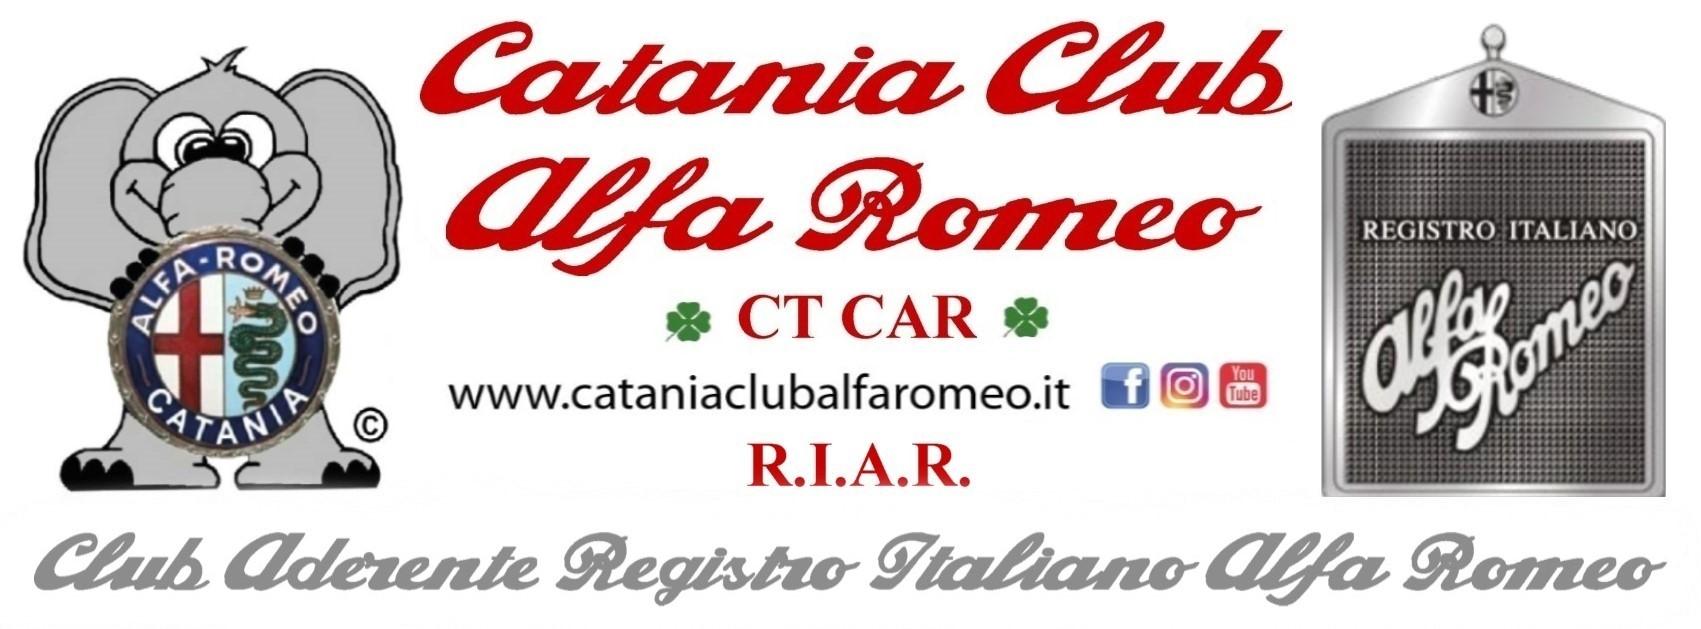 Catania Club Alfa Romeo RIAR